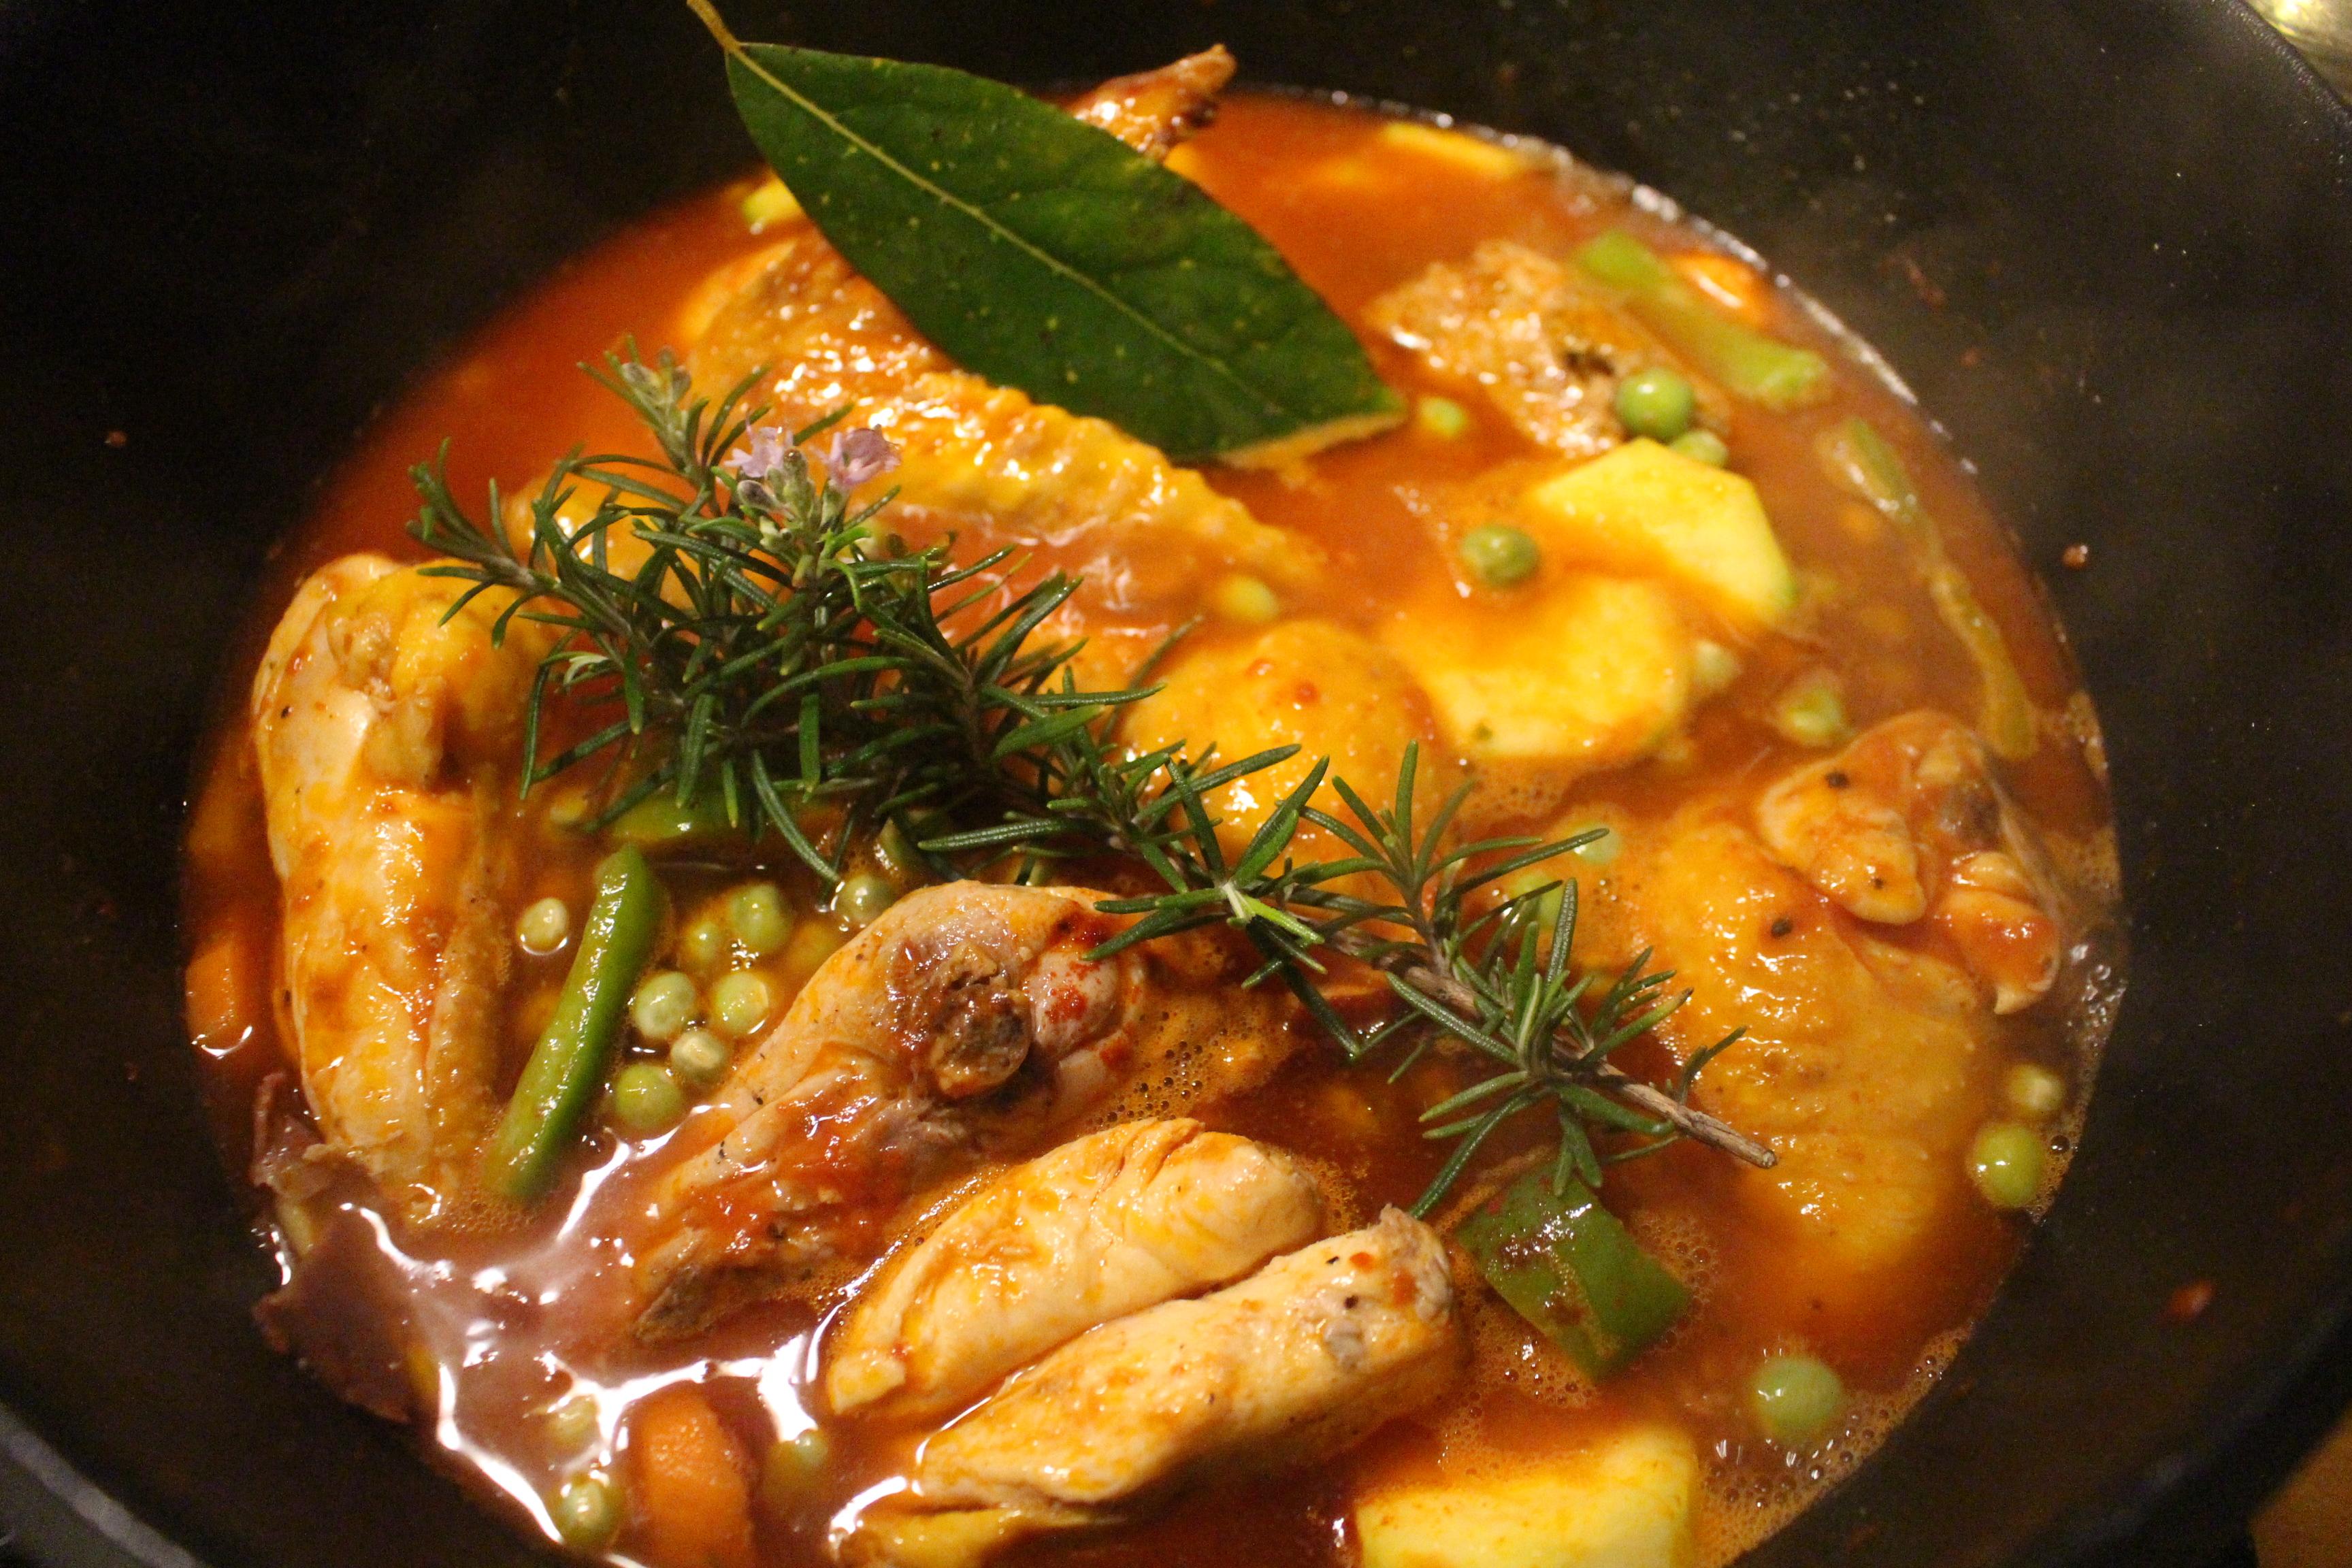 Pollo de corral guisado con verduras y jam n serrano - Pollo de corral guisado ...